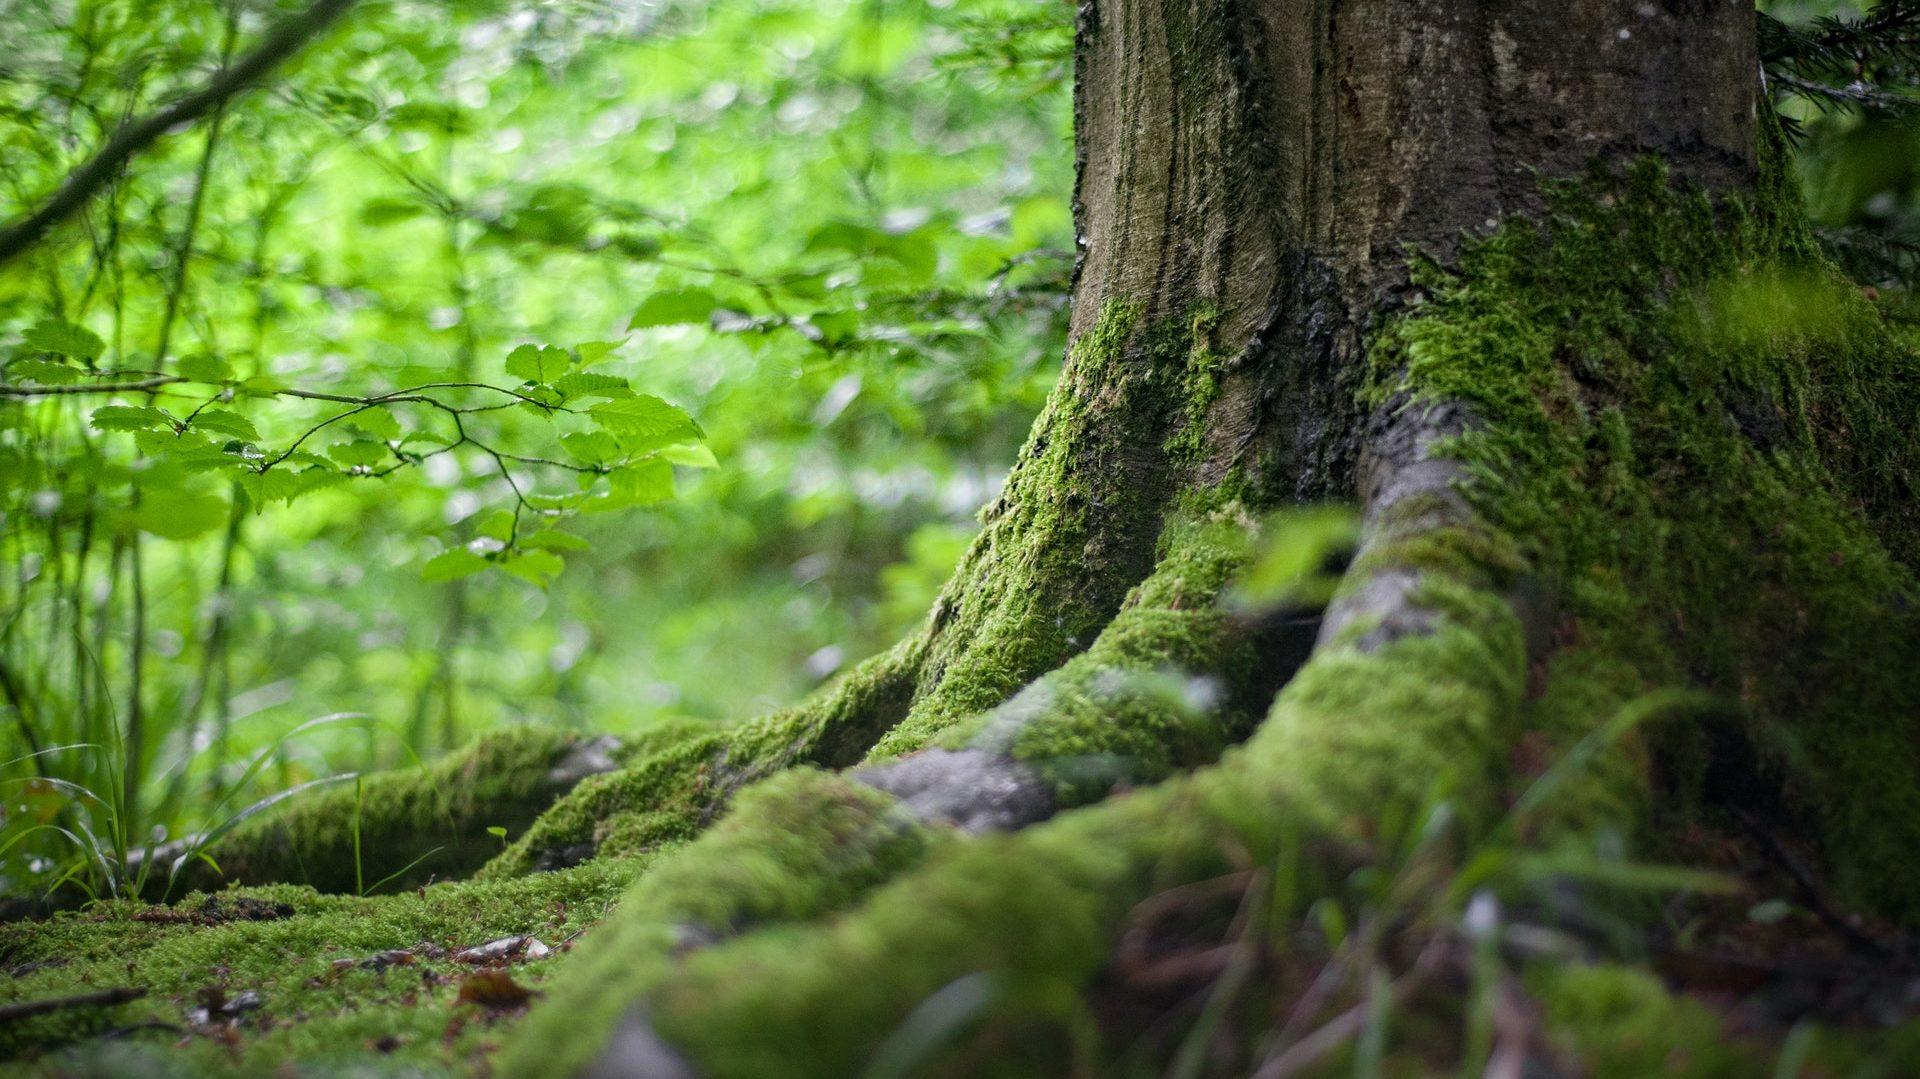 Nahaufnahme eines alten Baums